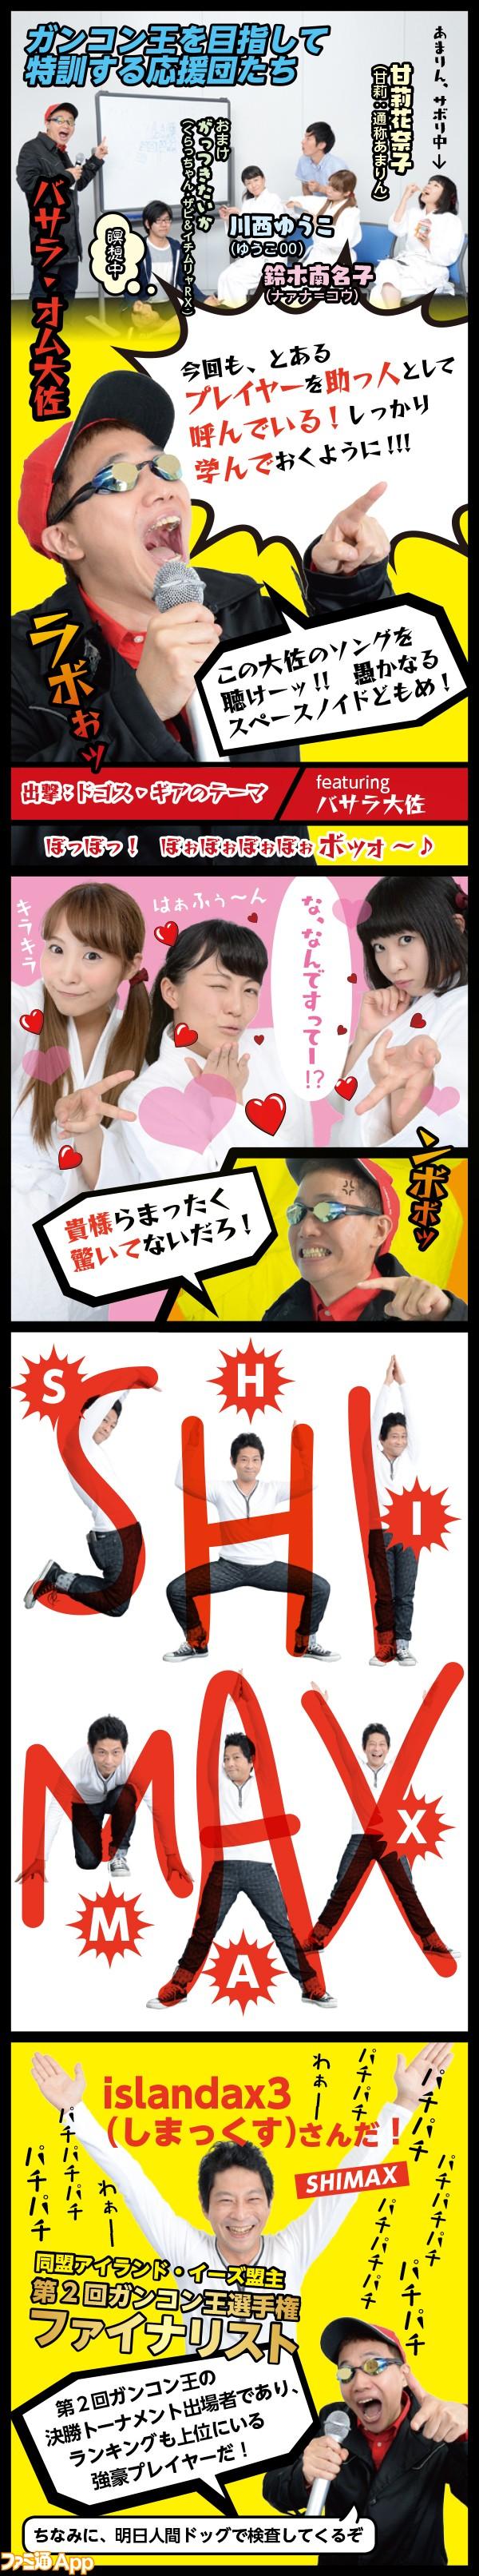 gun_manga04_01